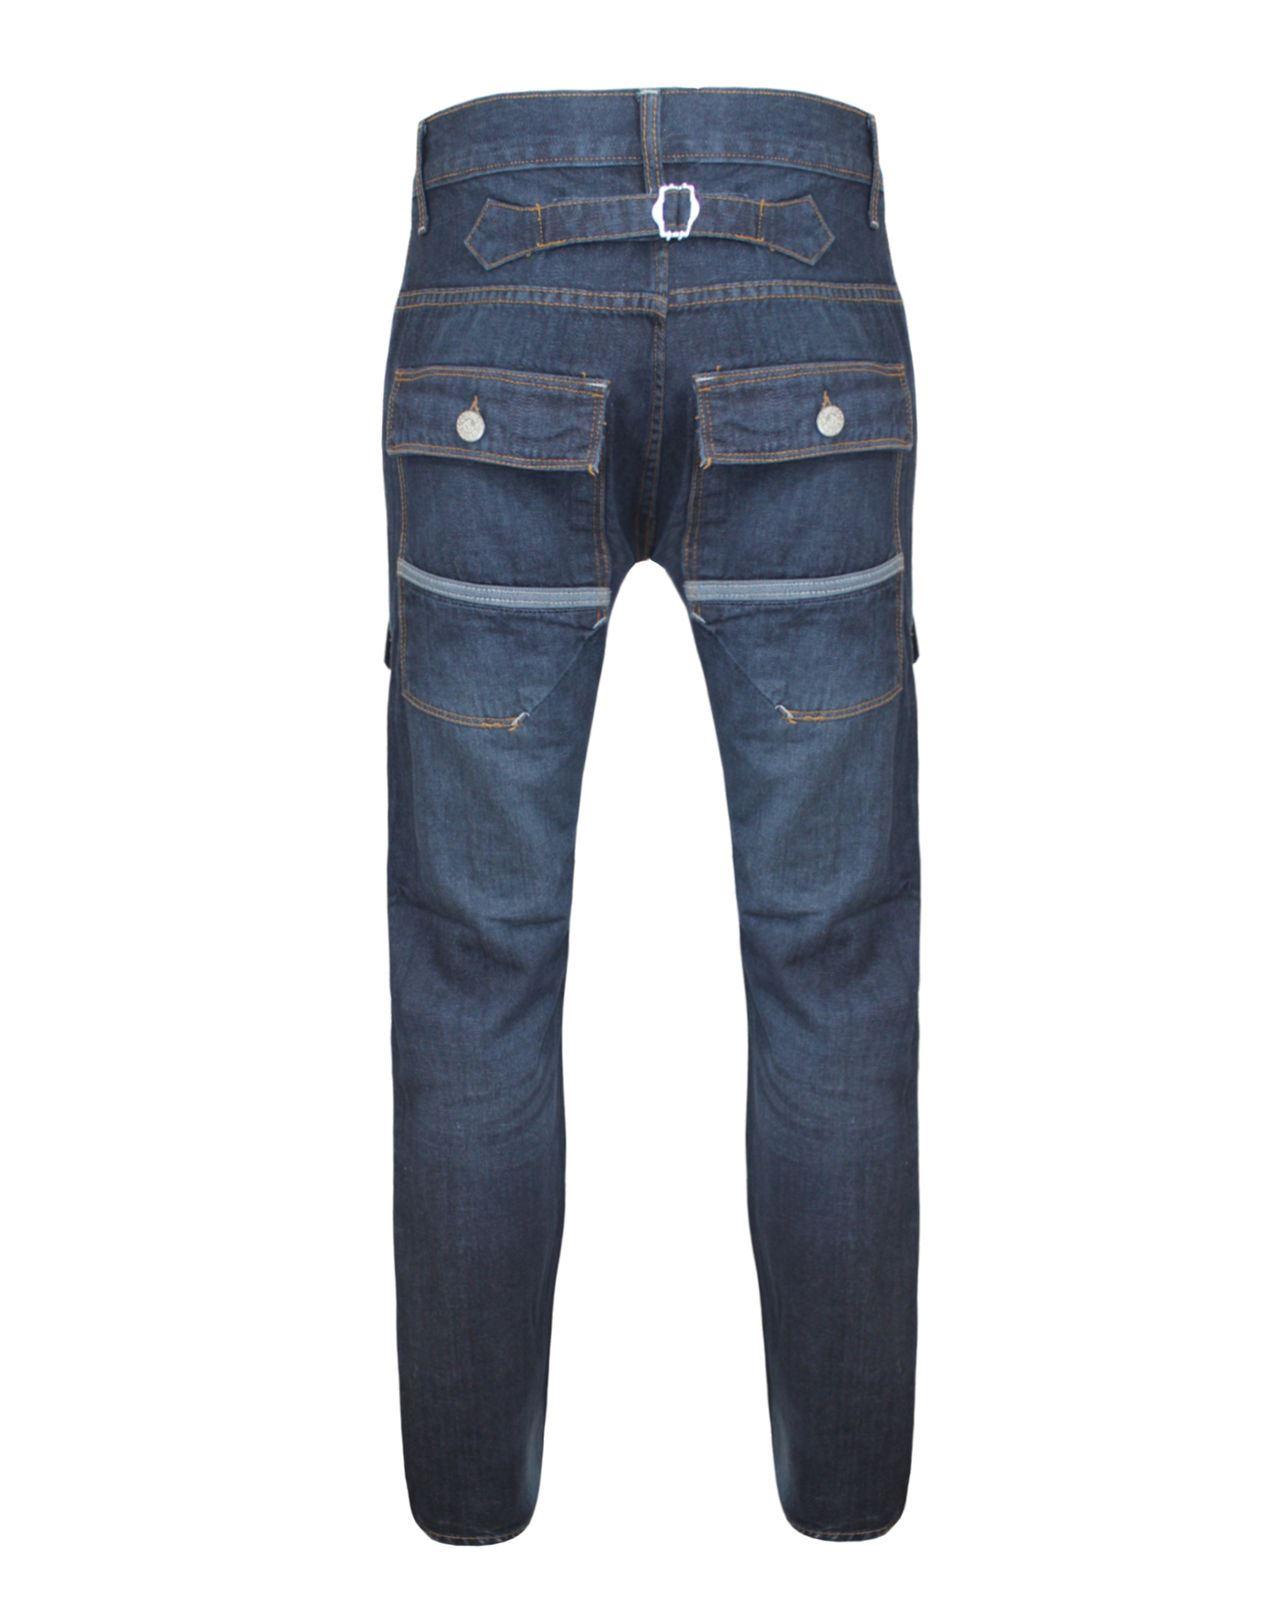 NUOVA linea uomo piena lunghezza Regolare Dritto Lungo Jeans Blu Pantaloni Da Uomo 30 32 34 36 38